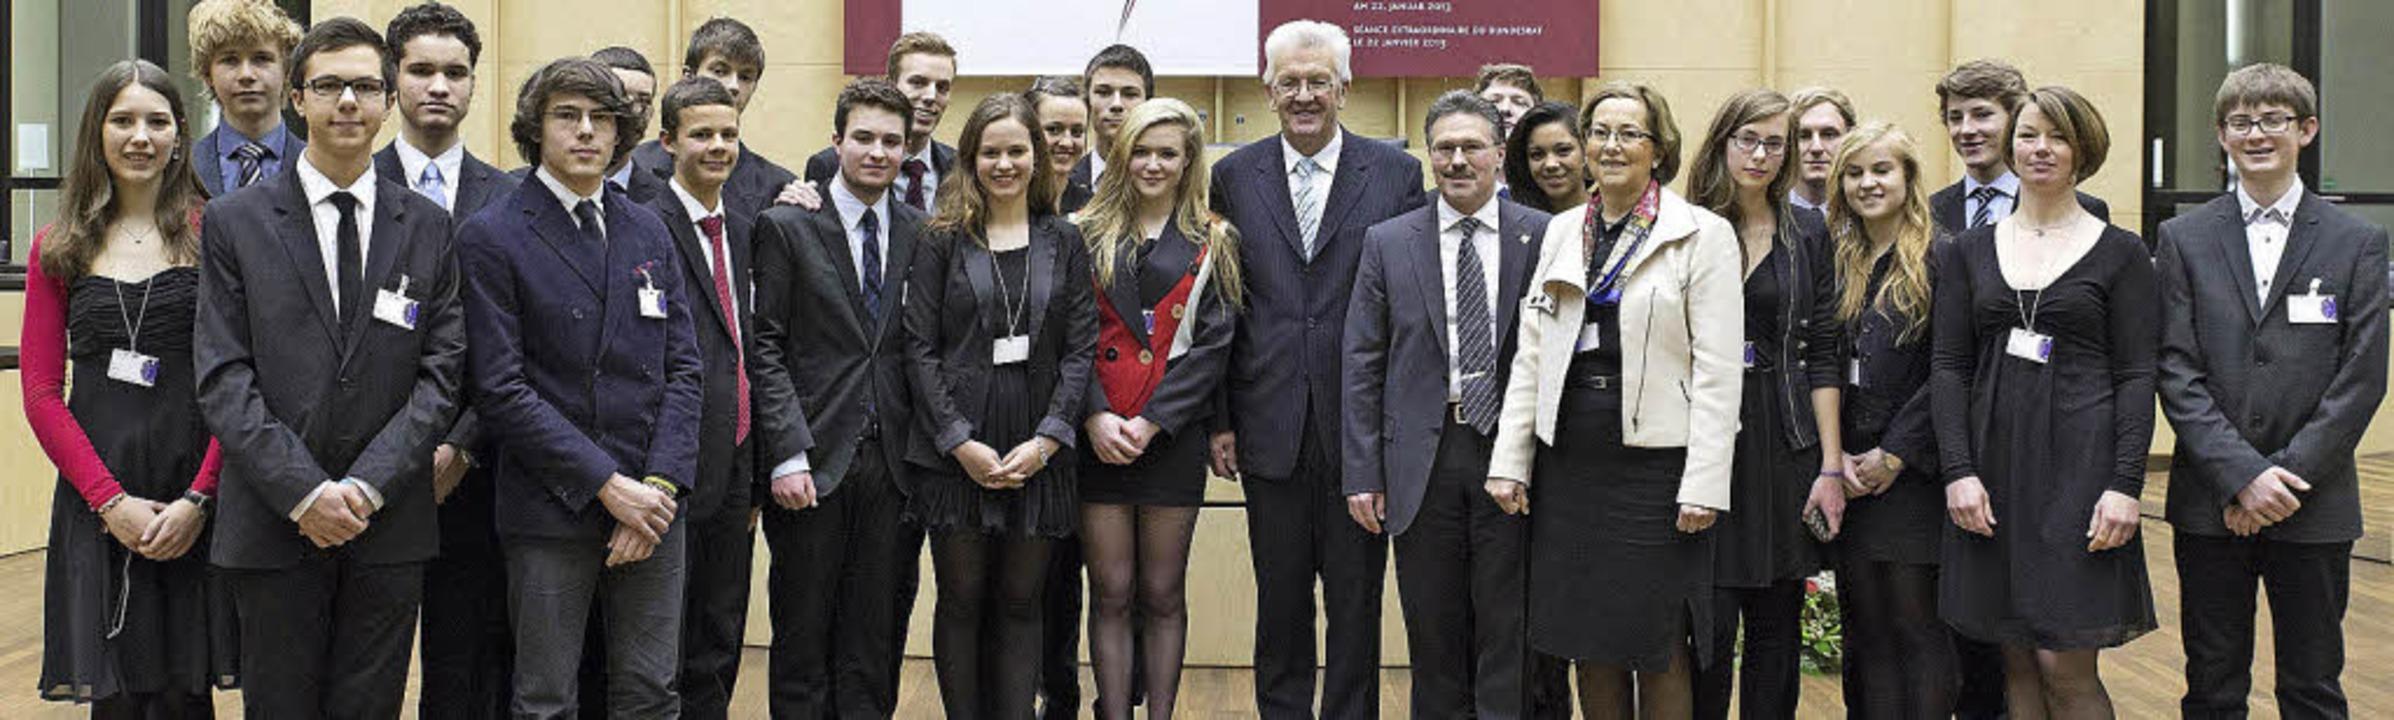 Die Schülerinnen und Schüler  vom DFG mit Bundesratspräsident Kretschmann   | Foto: Bundesrat